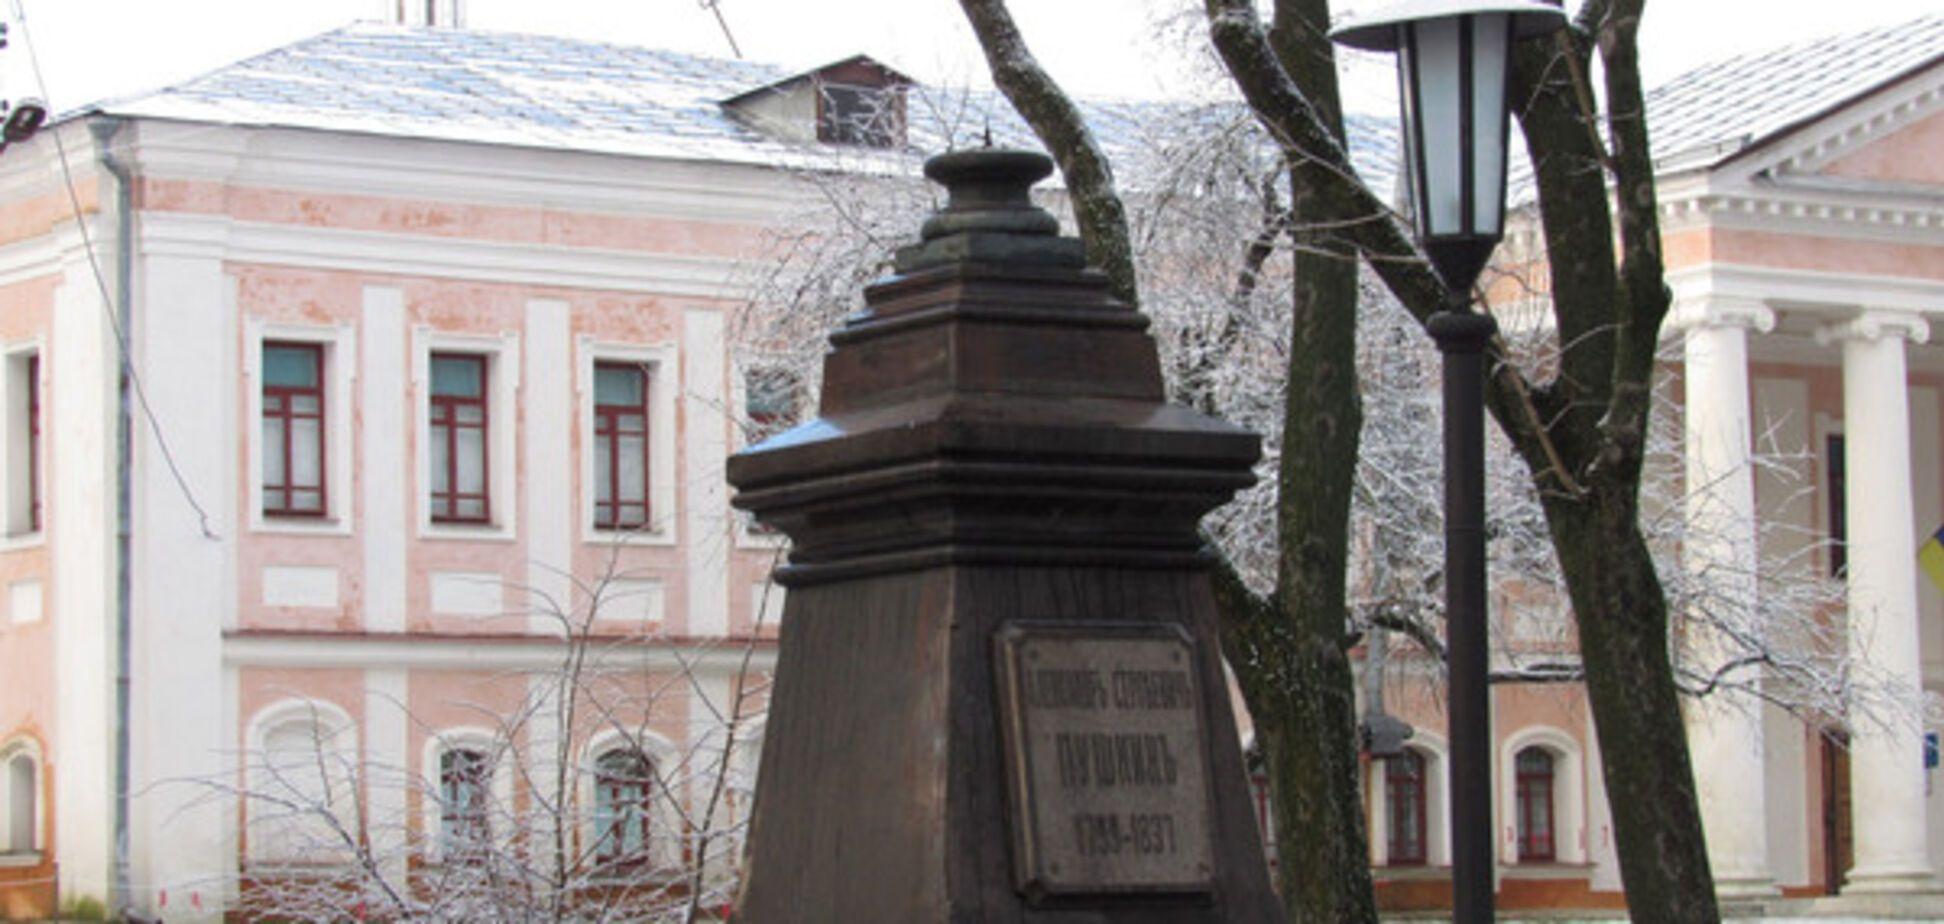 'Нужно казнить': дерзкое нападение вандалов на памятник в Чернигове разъярило сеть